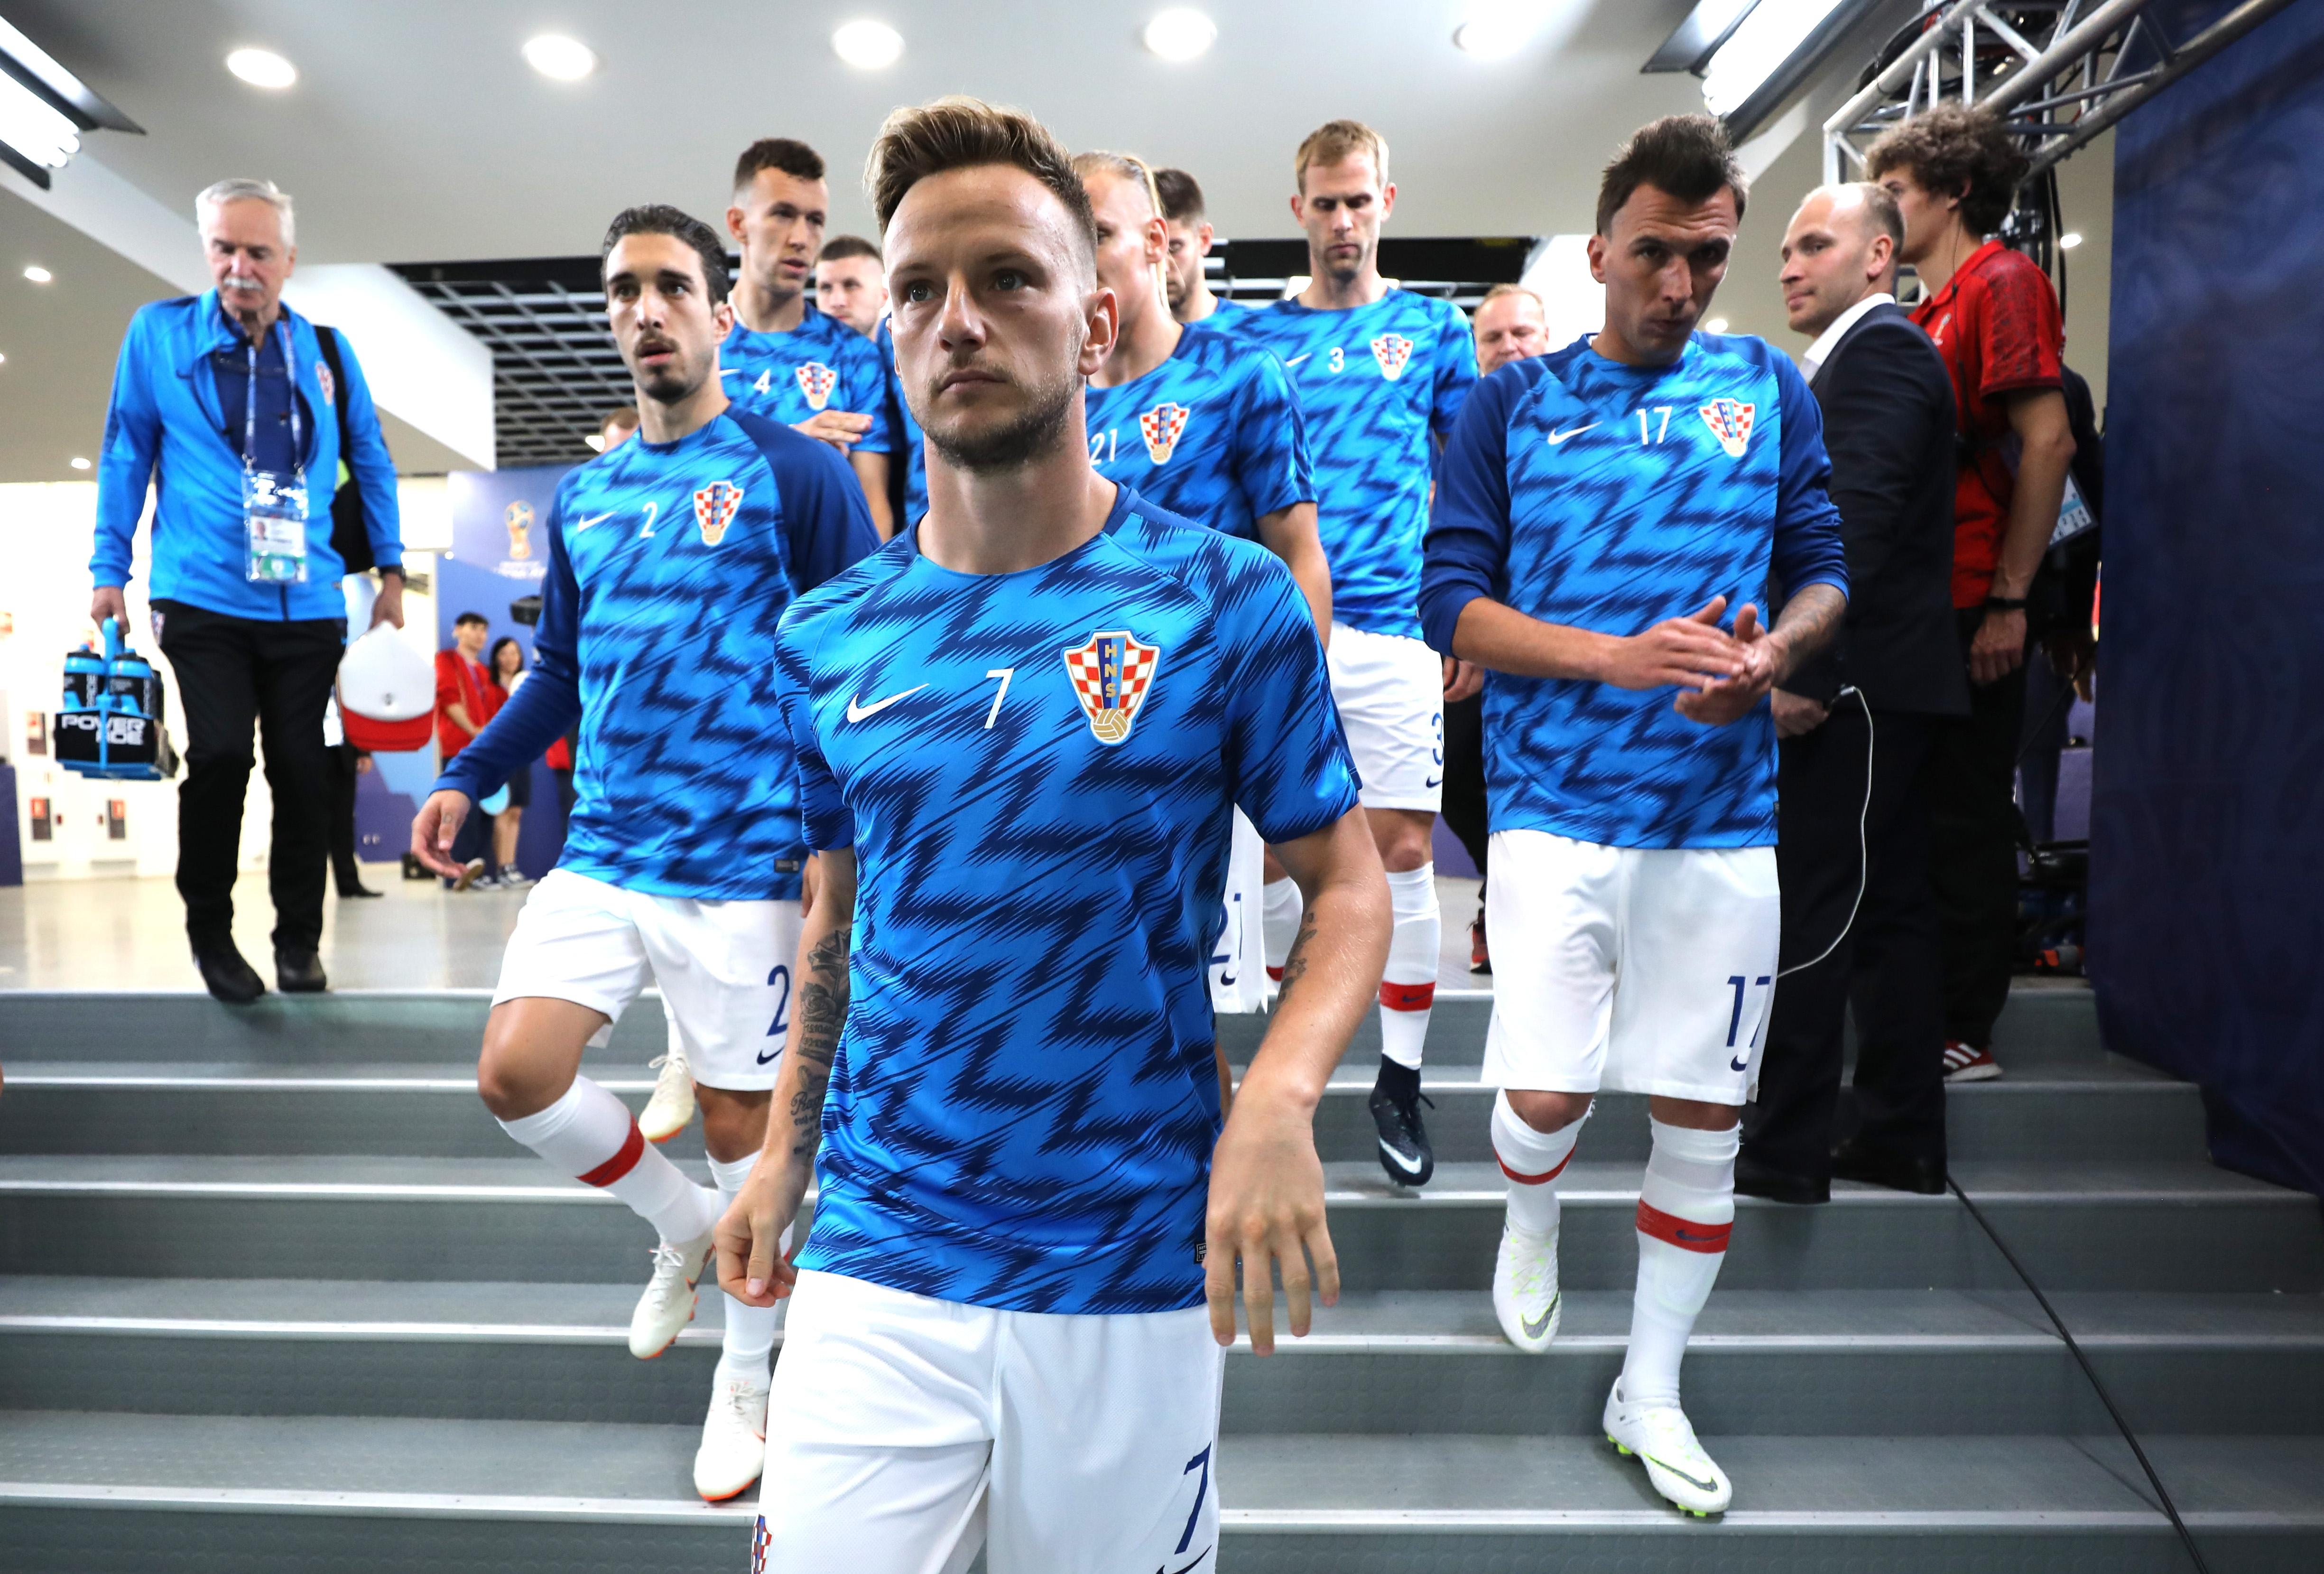 Хърватските национали Андрей Крамарич, Никола Калинич и Шиме Върсалко пропуснаха